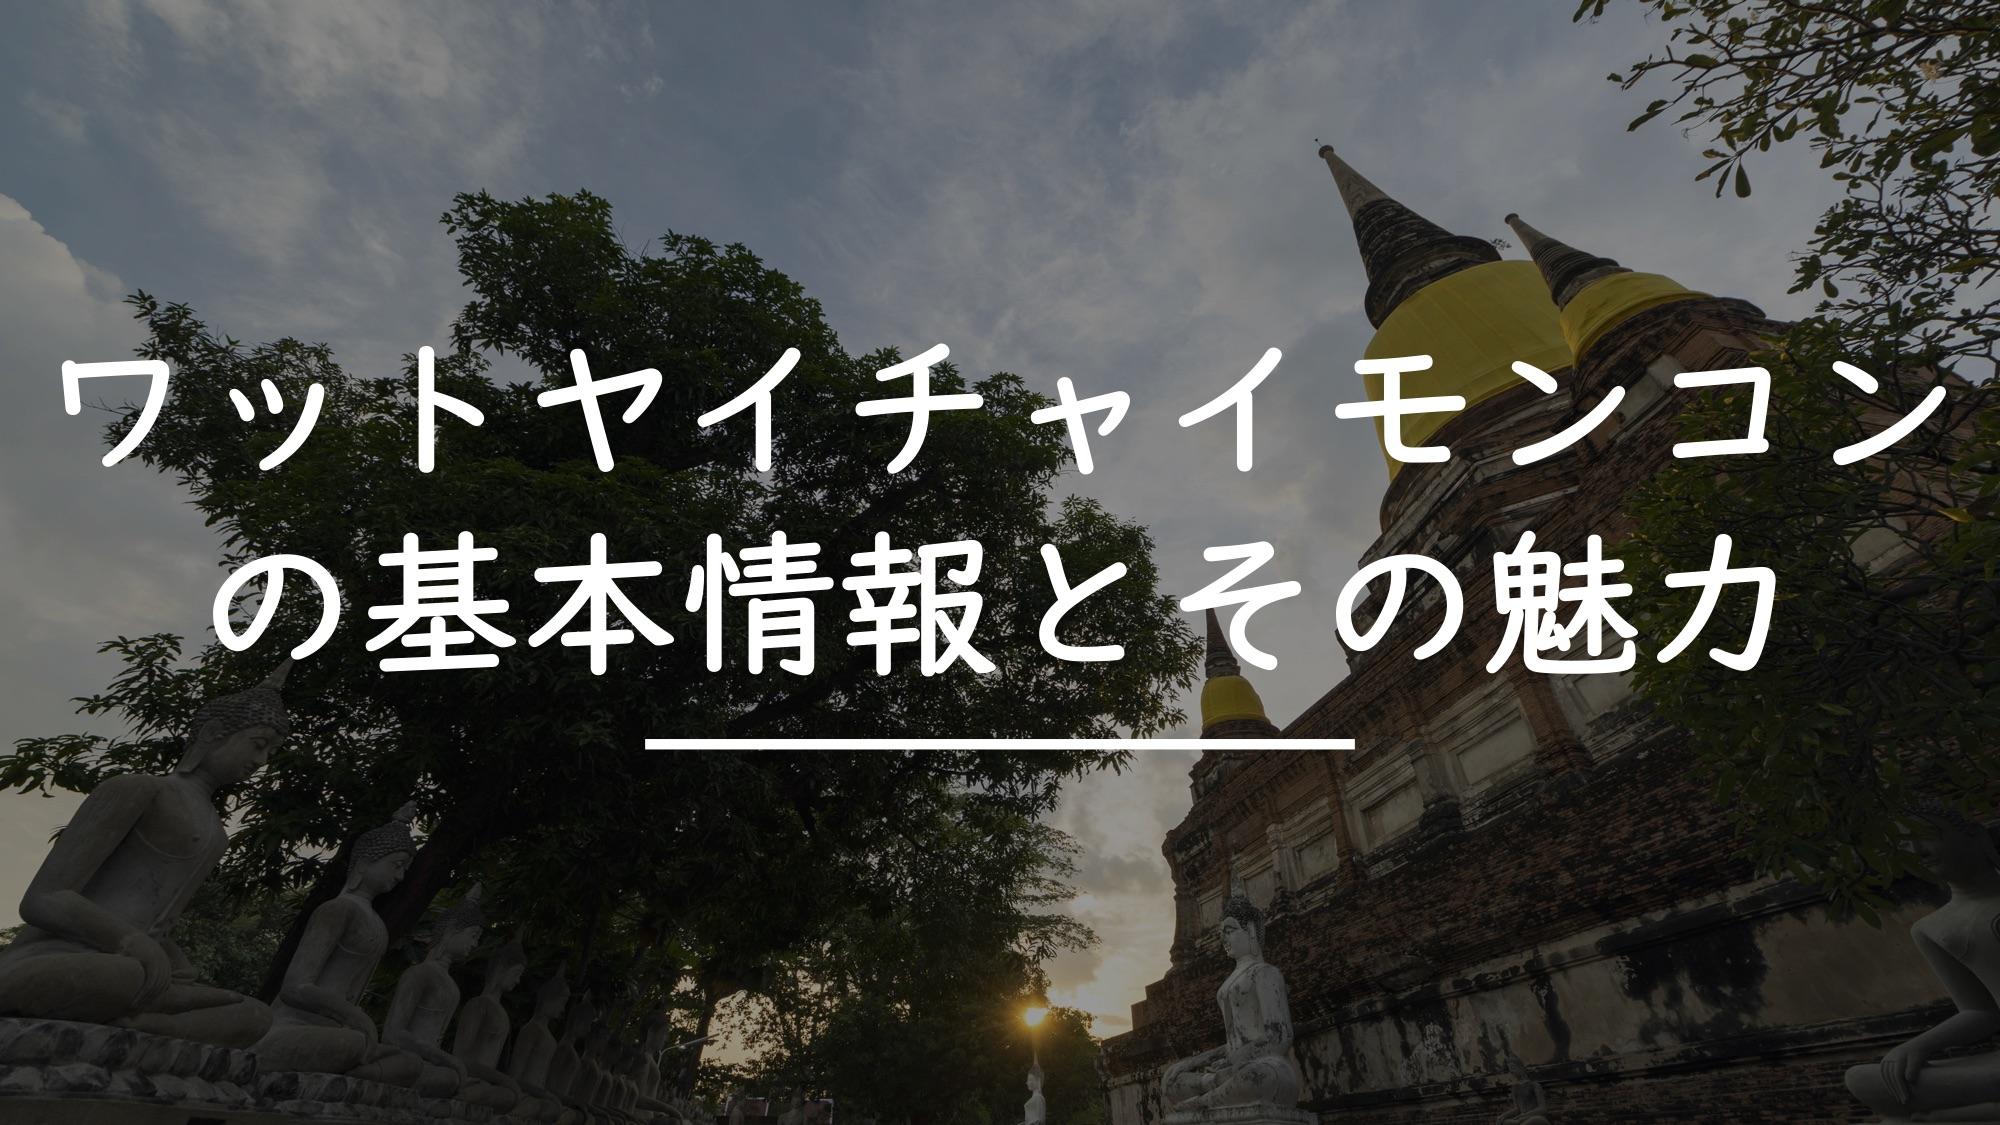 ワットヤイチャイモンコン:基本情報と見所(Wat Yai Chai Mongkon)